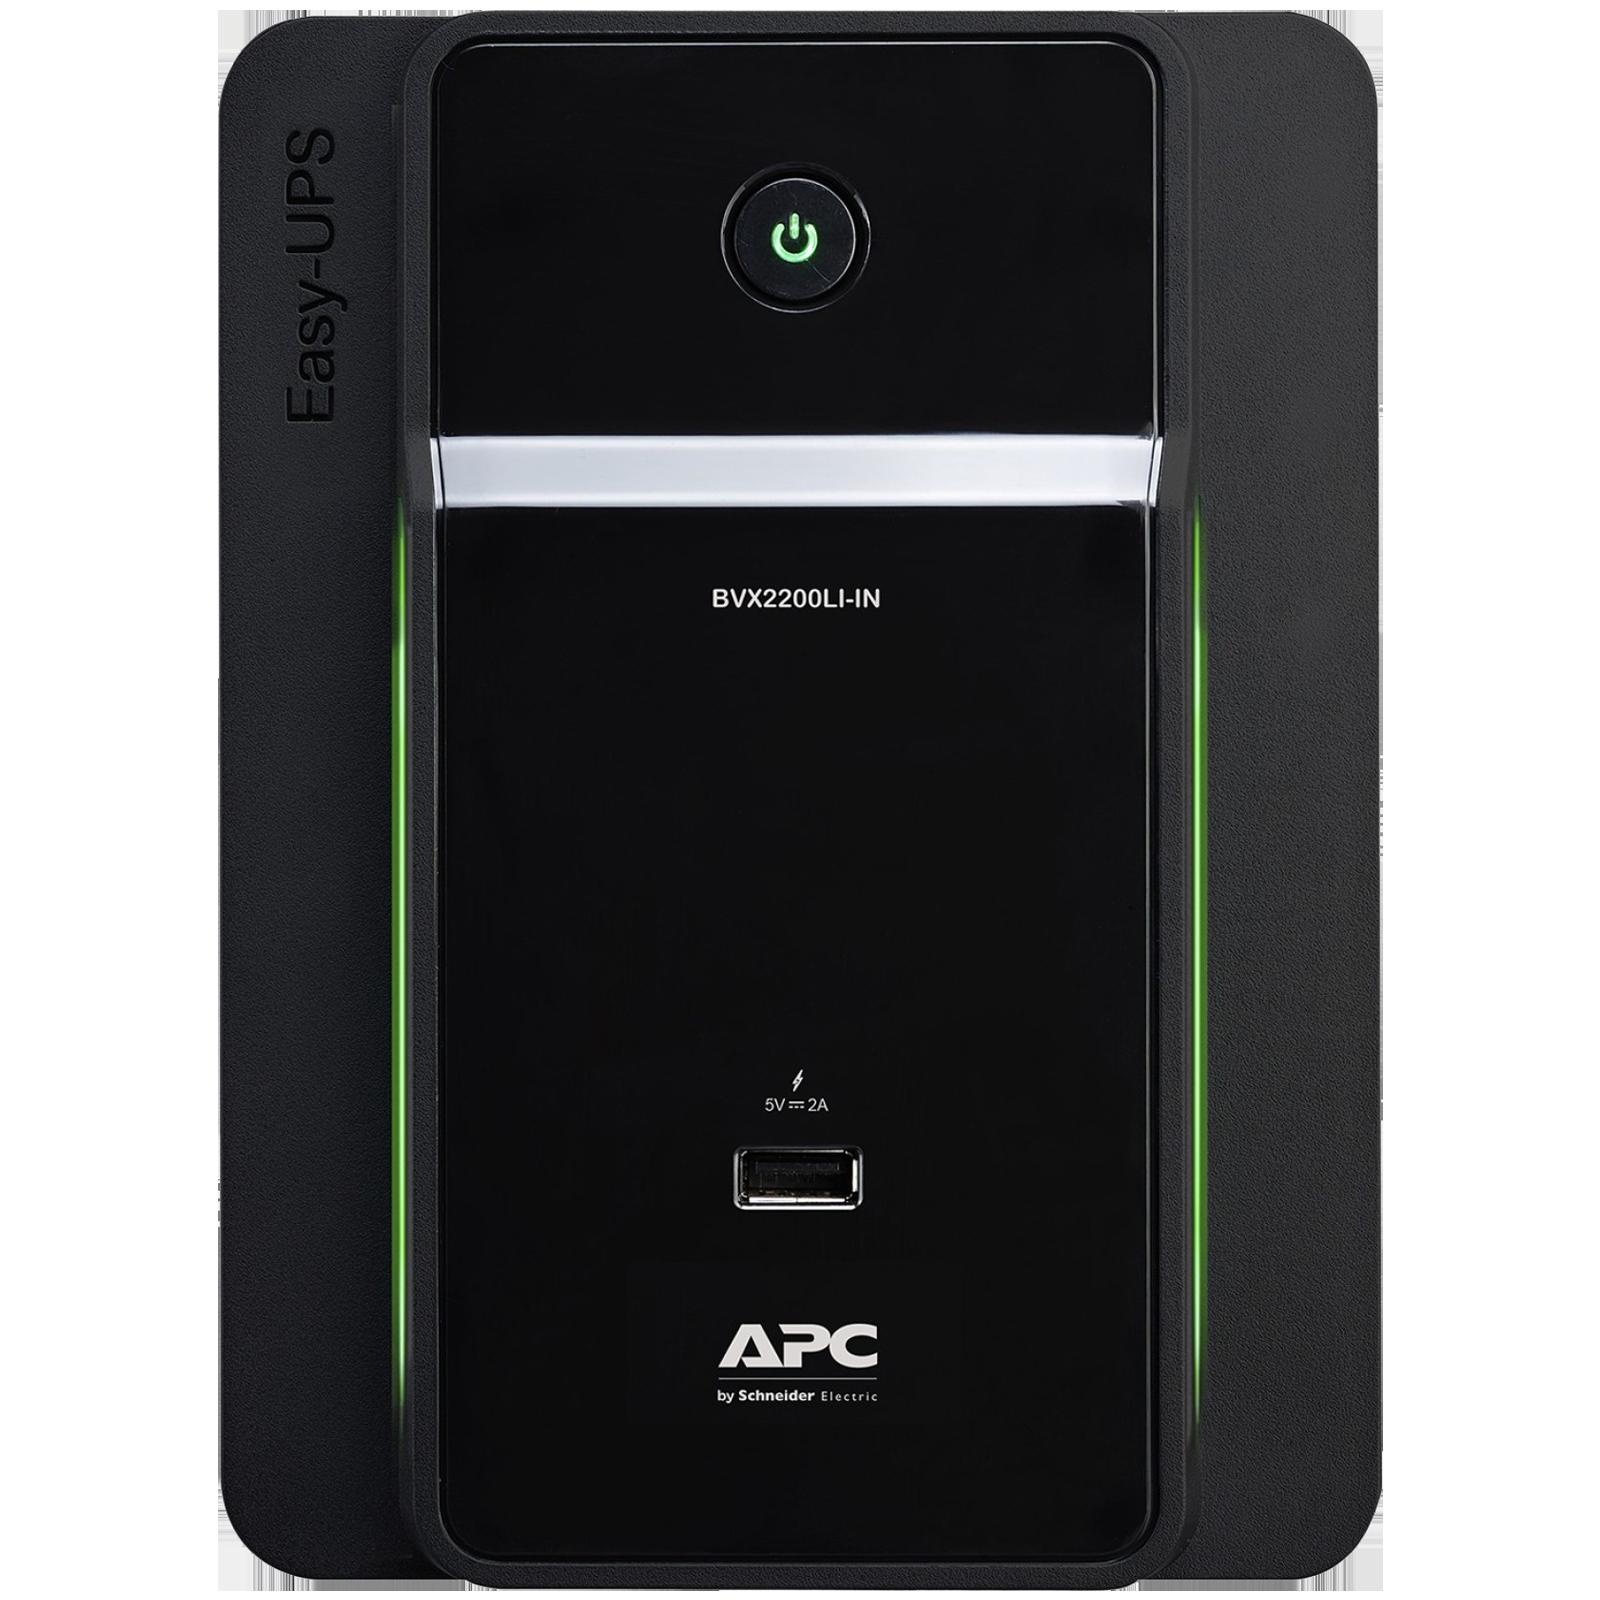 APC UPS For Laptop & Desktop & Mobile & Tablet (Intelligent Battery Management, BVX2200LI-IN, Black)_1